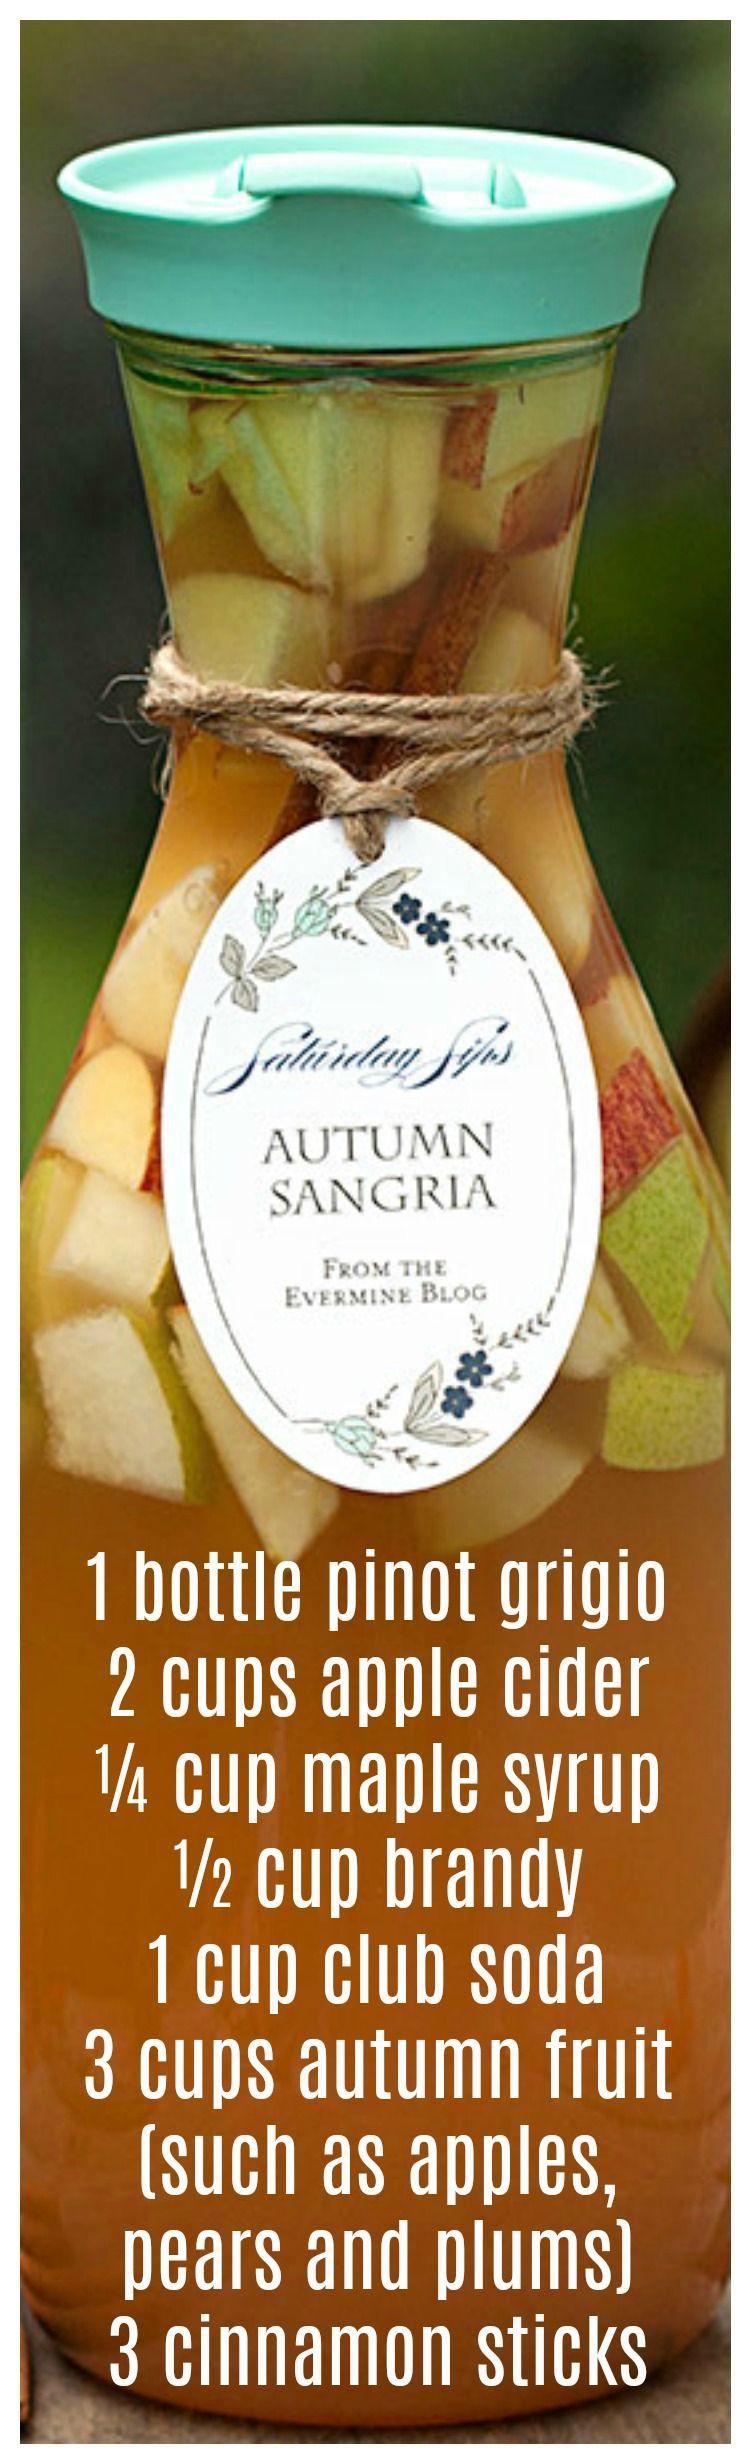 Autumn Sangria Recipe, Two Ways #applecidersangriarecipe